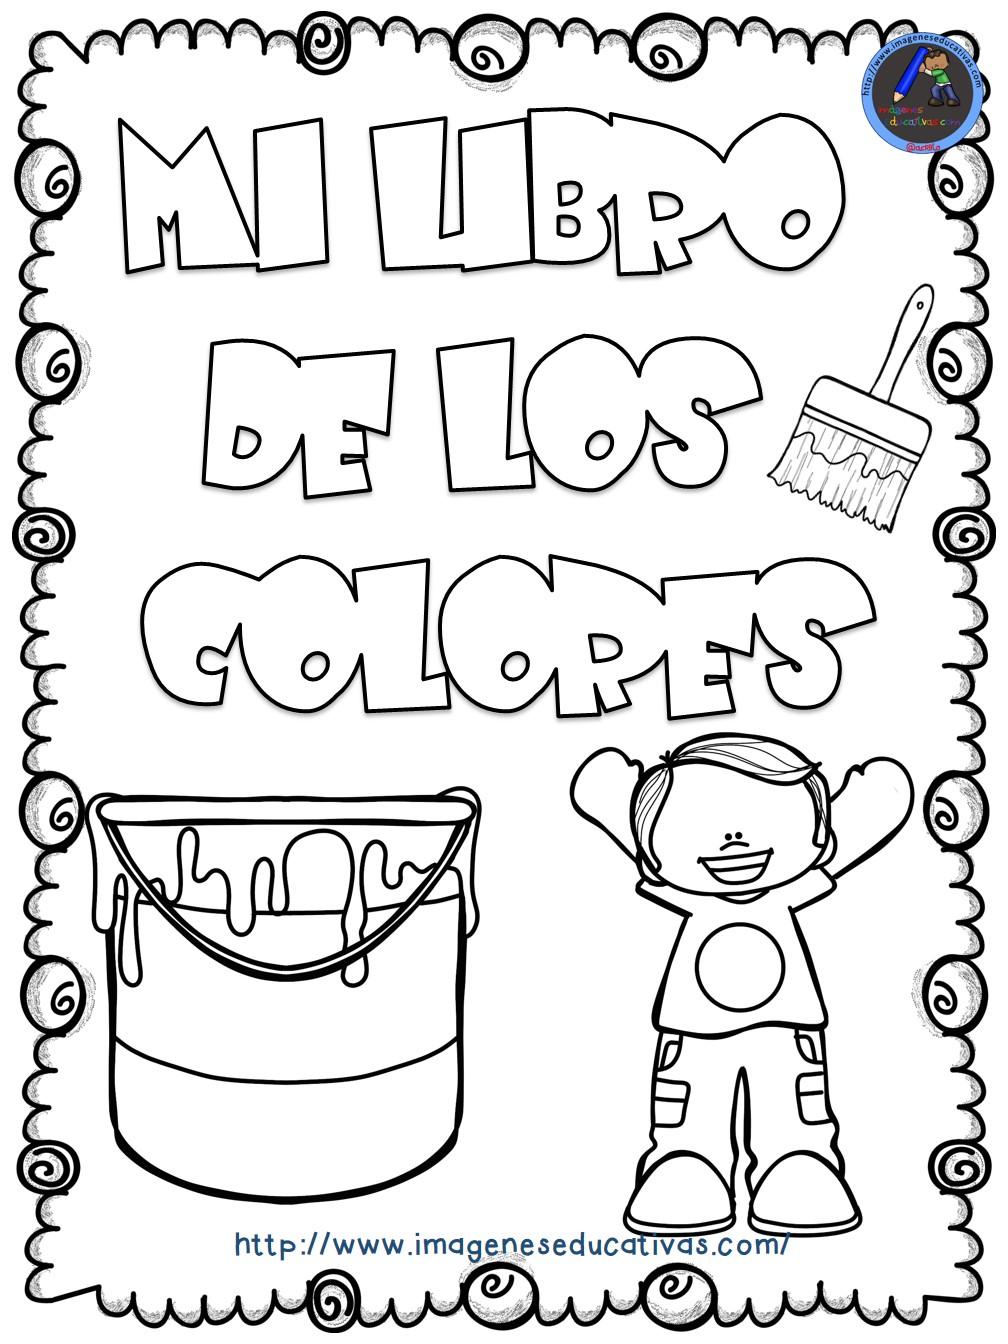 Mi libro de los colores para colorear 1 imagenes - Mezcla de colores para pintar ...